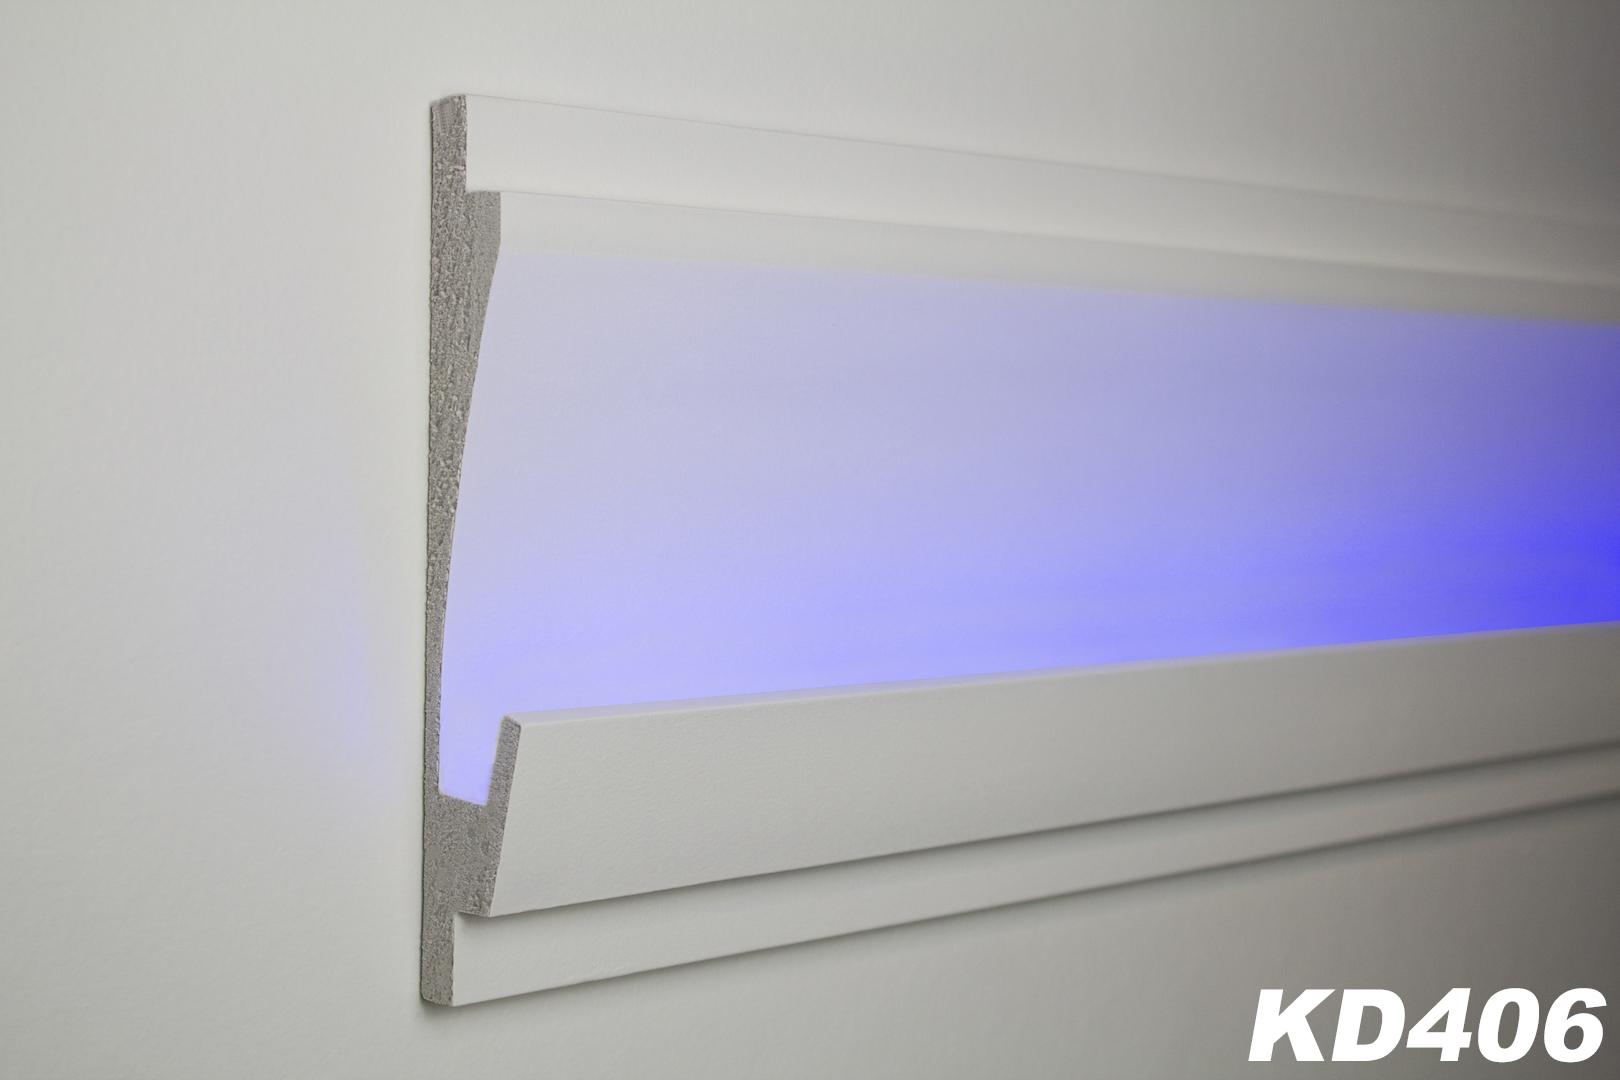 1 15 meter led stuckleiste f r indirekte beleuchtung xps 185x35 kd406 ebay. Black Bedroom Furniture Sets. Home Design Ideas